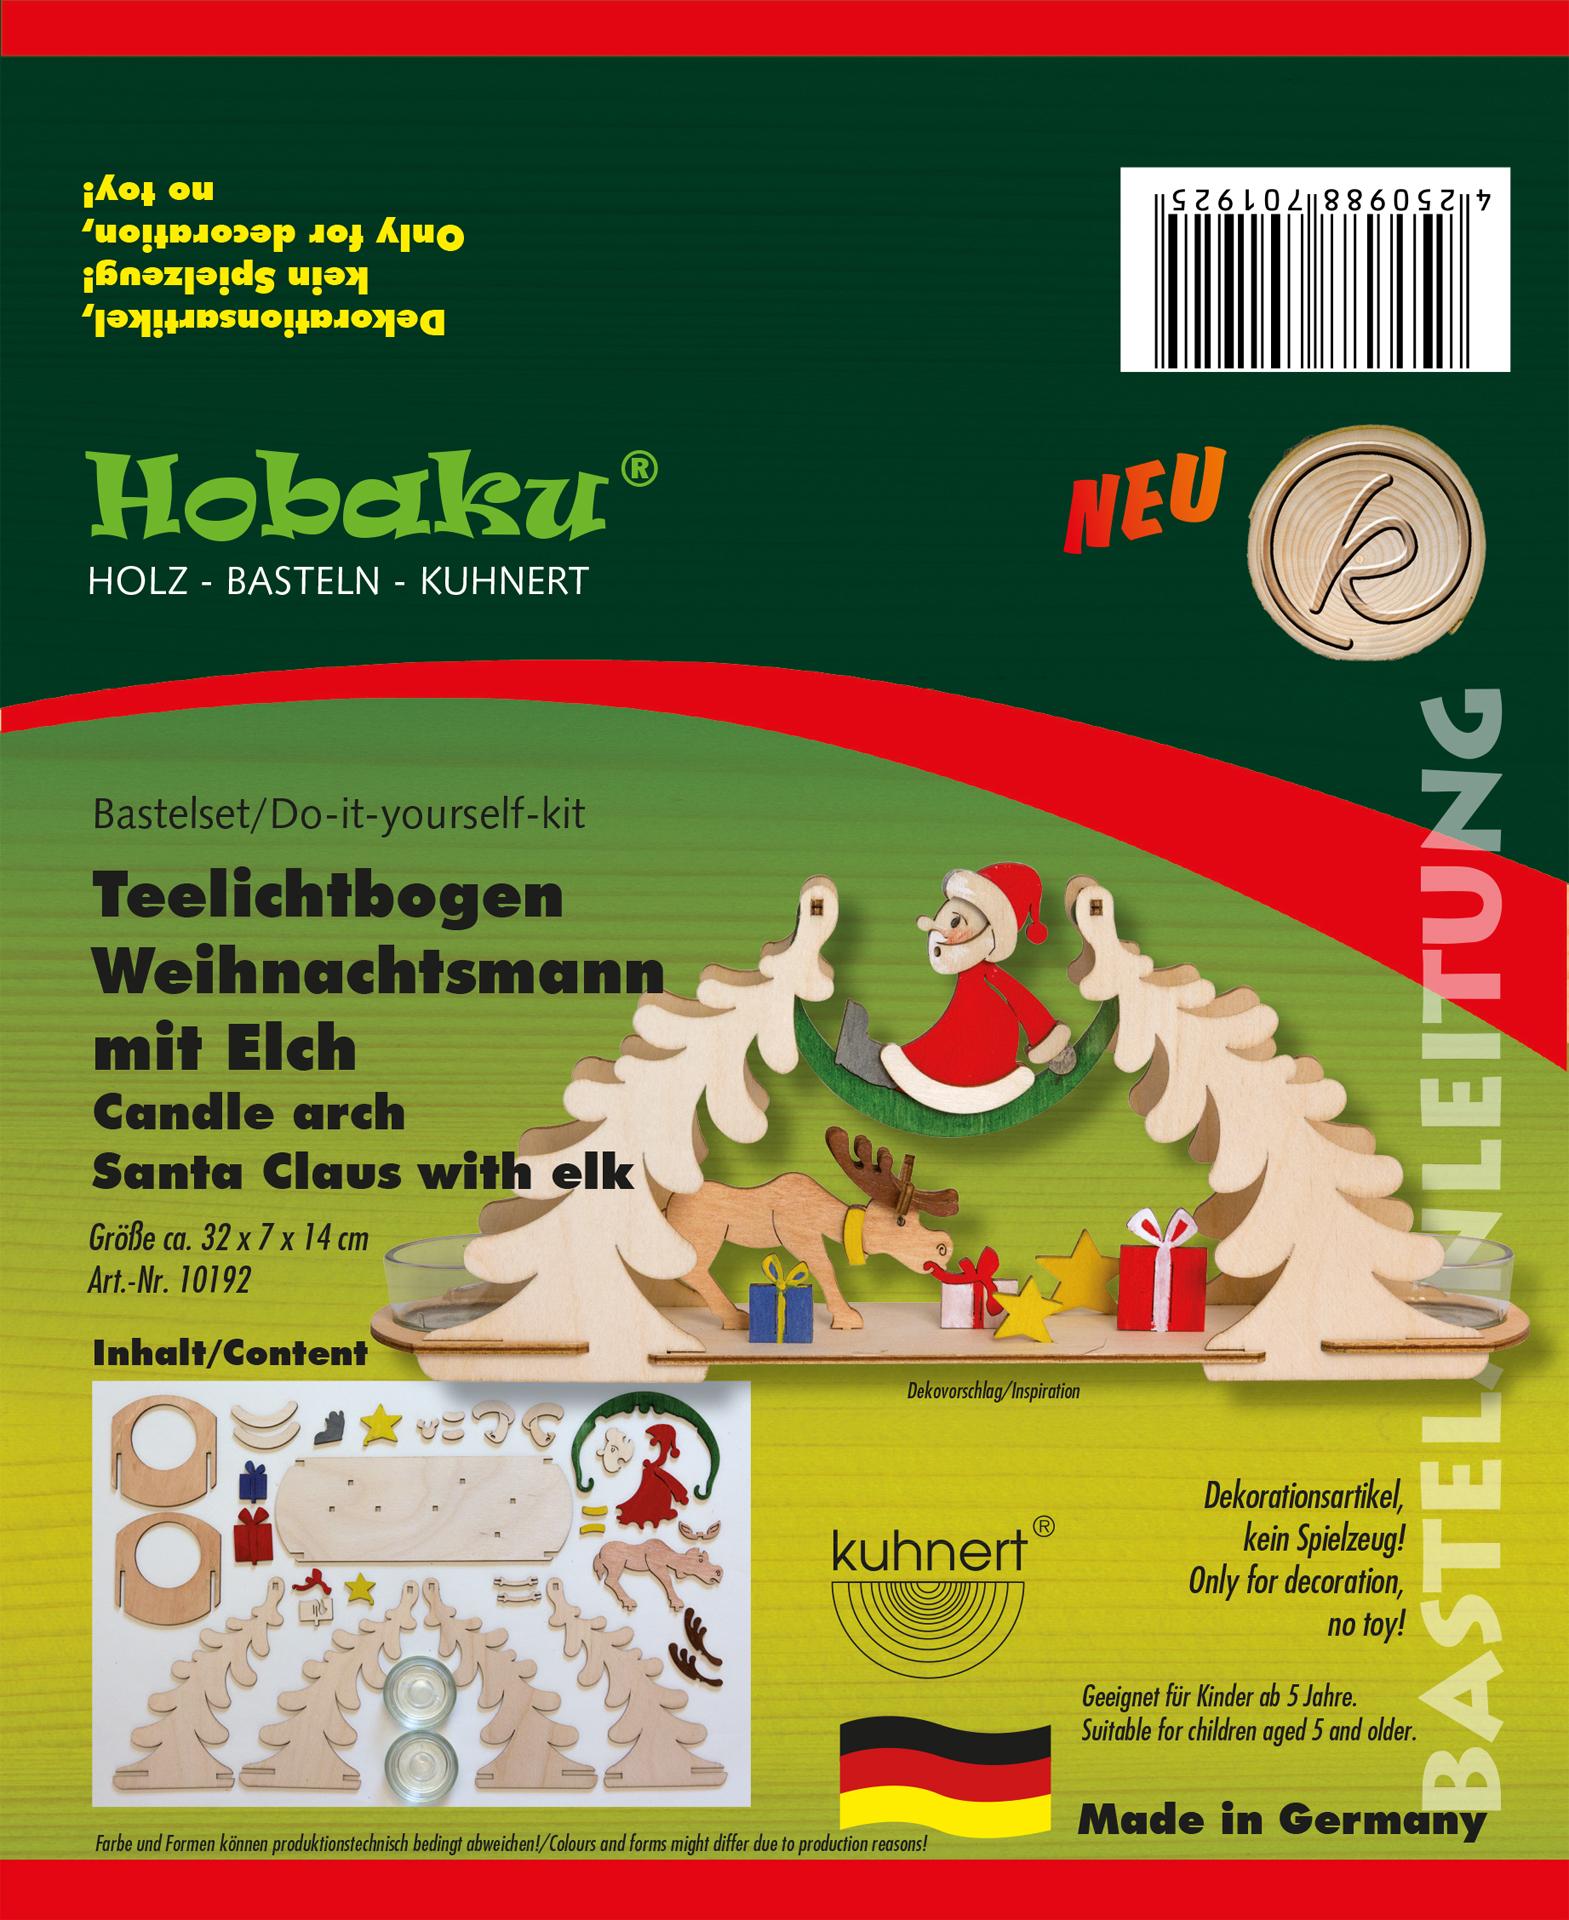 Bastelset Teelichtbogen Weihnachtsmann mit Elch